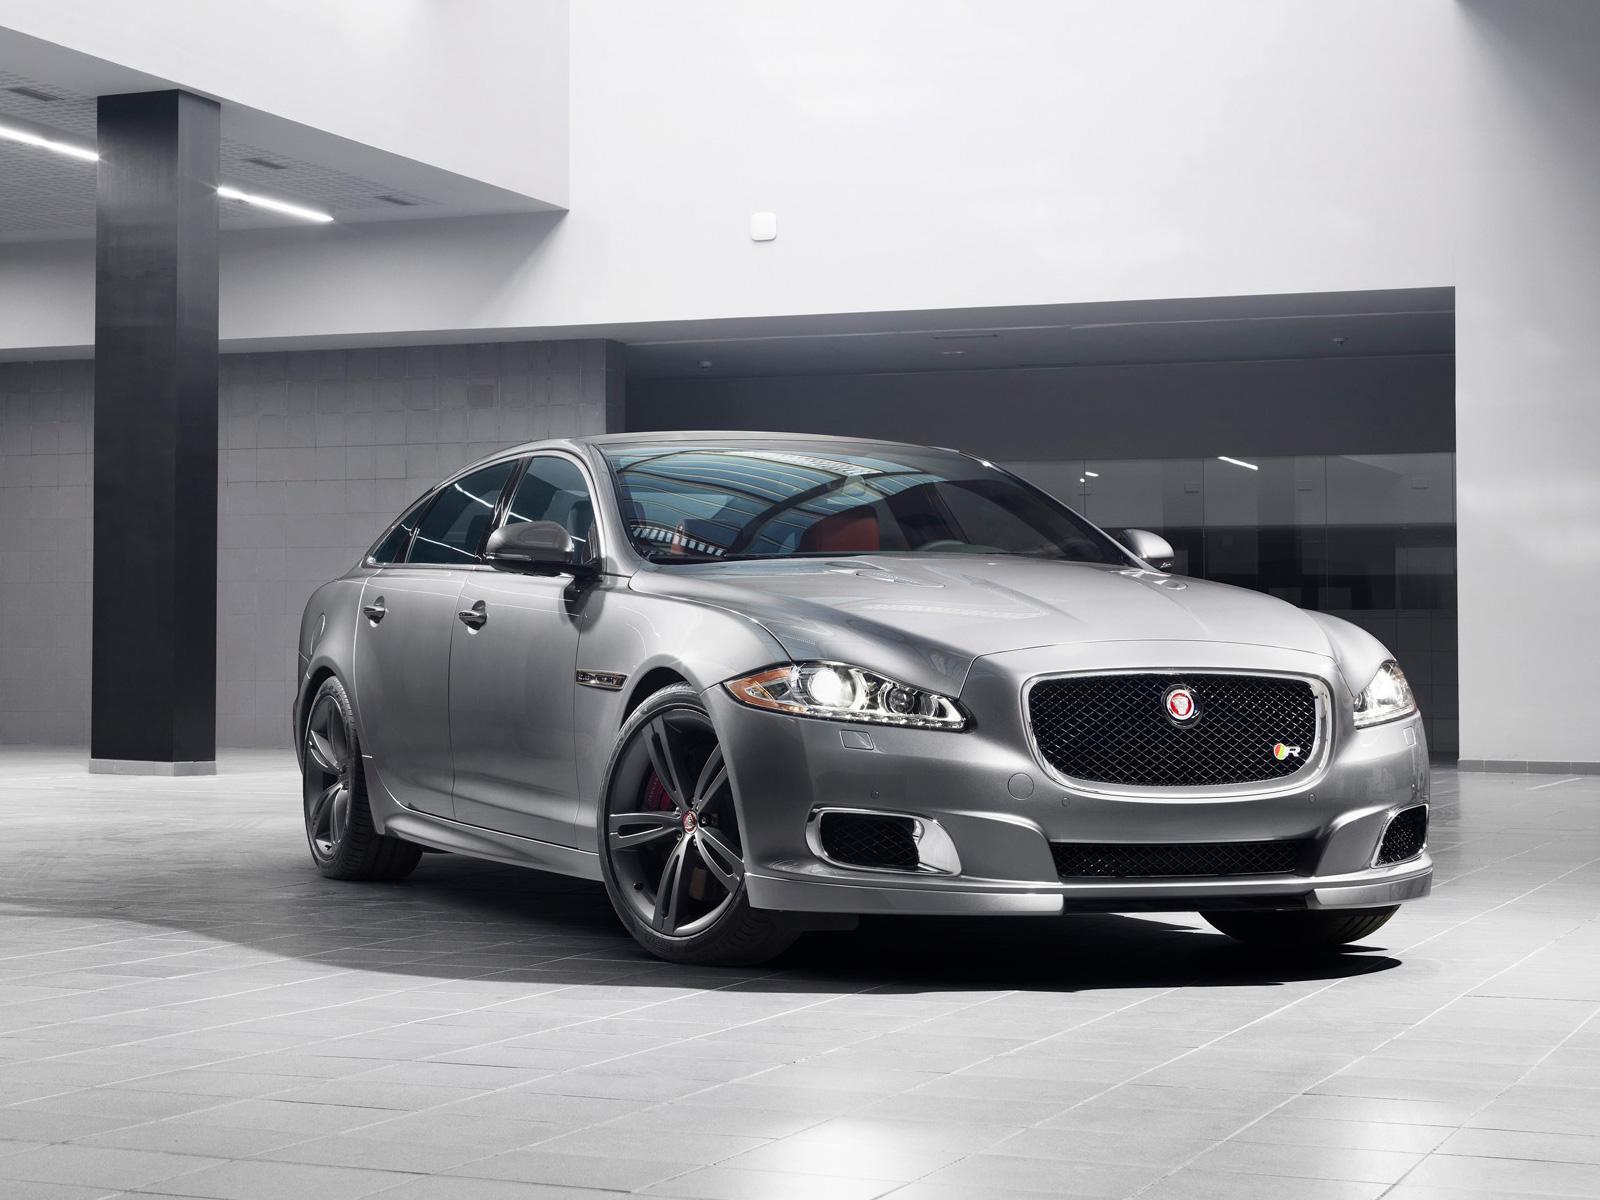 2013-Jaguar-XJR-Front-Angle